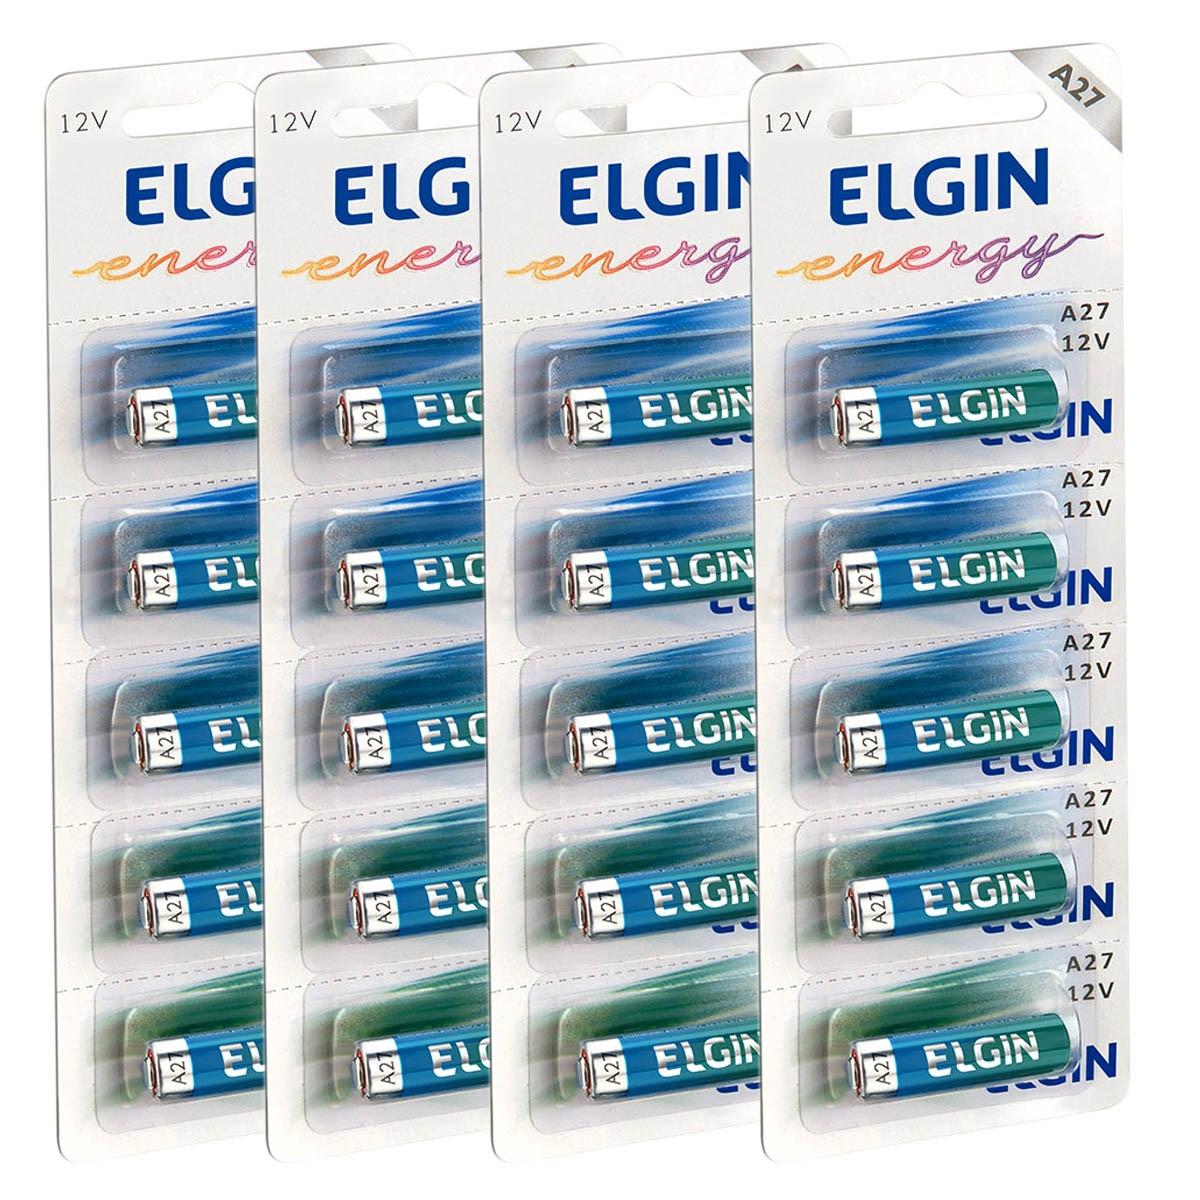 20 Pilhas Baterias ELGIN 27A 12V A27 Alcalina 4 cartelas